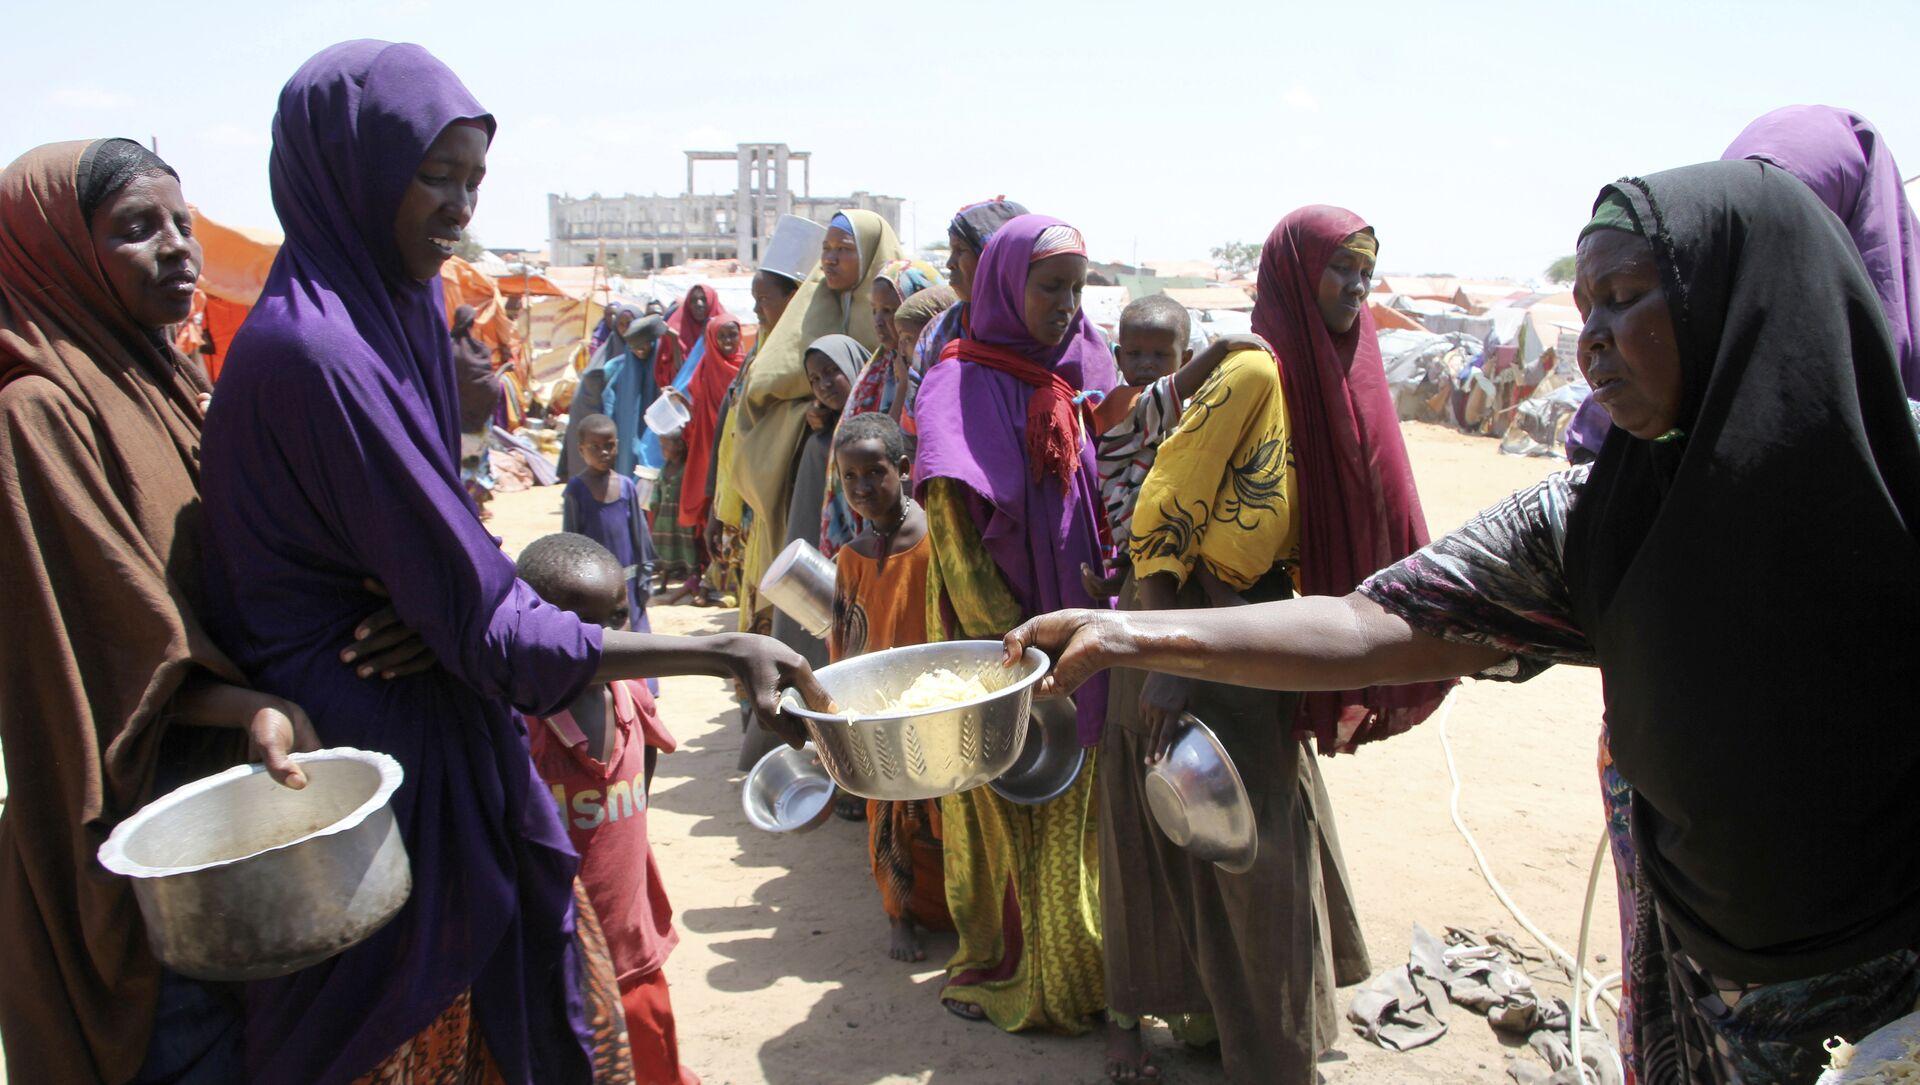 Des femmes reçoivent de la nourriture à Mogadiscio, en Somalie - Sputnik France, 1920, 18.08.2021